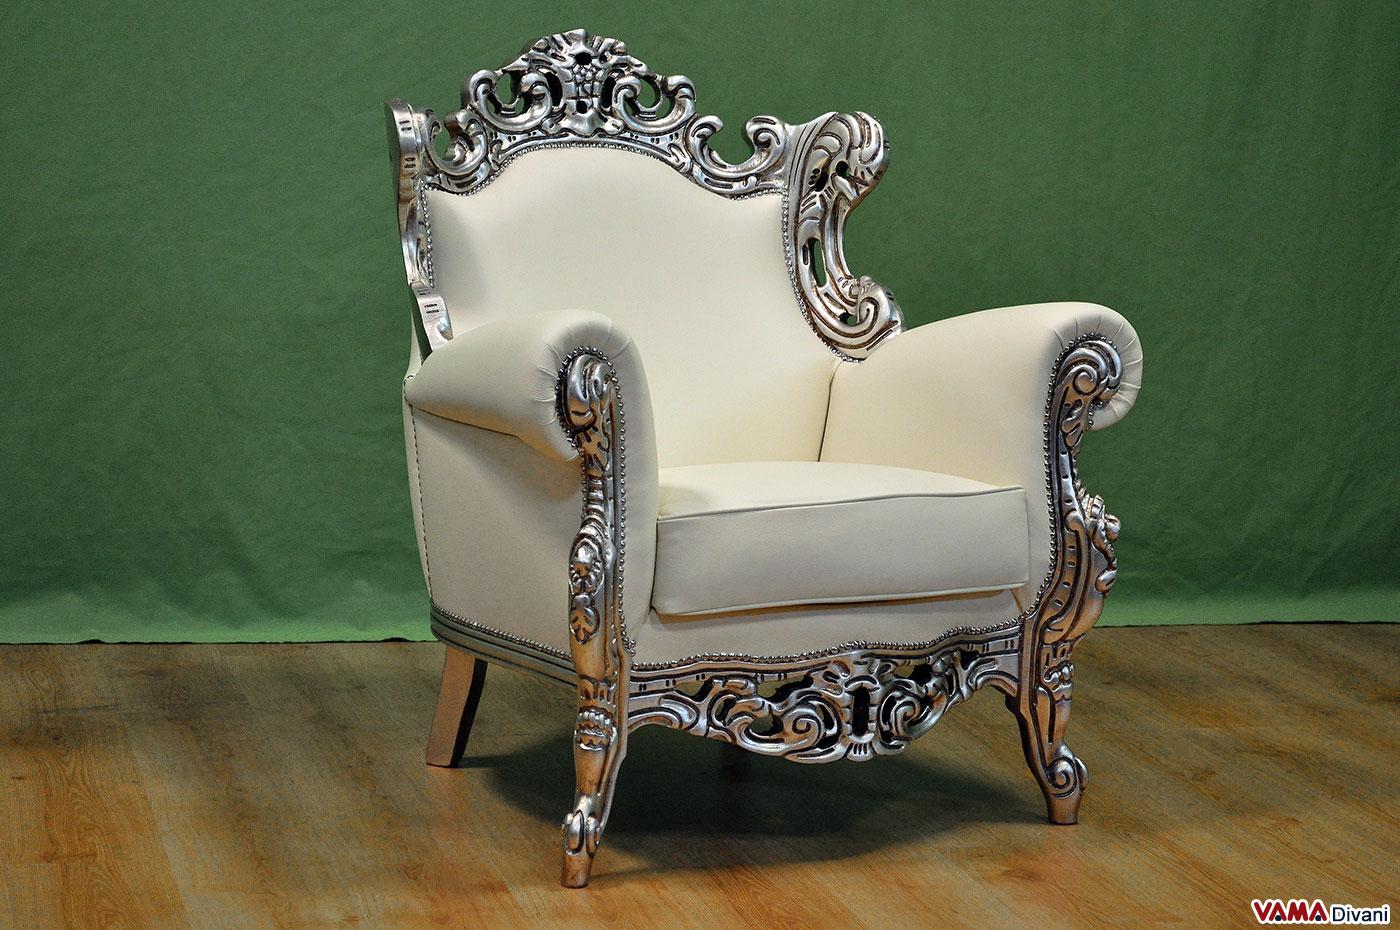 poltrona barocco in pelle bianca e cornice in foglia argento